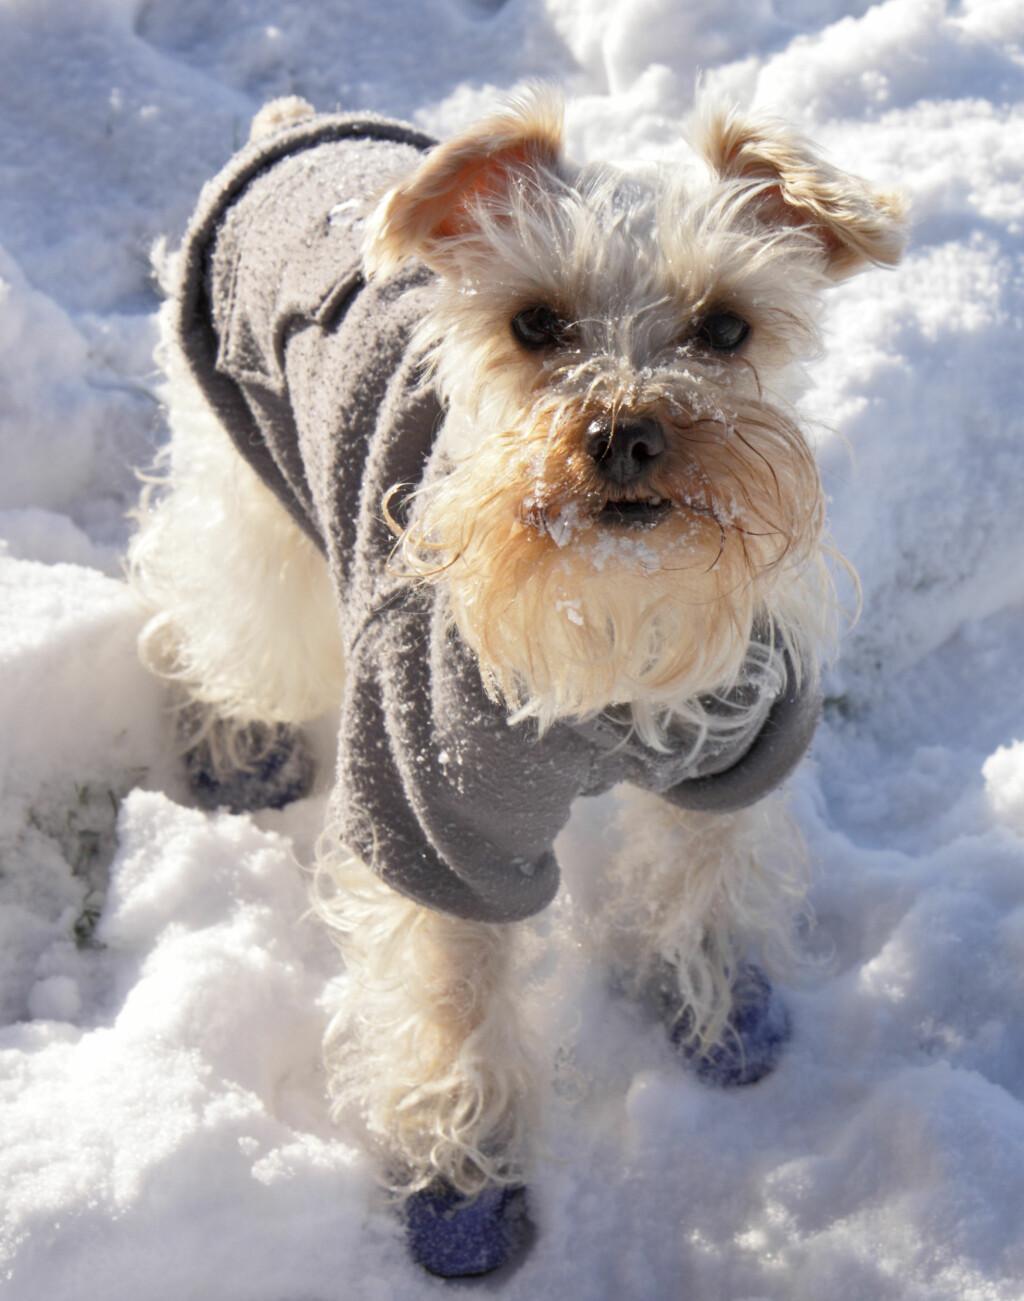 KLE PÅ DEM! Det er ikke alle hunder som tåler kulde like godt. Her spiller pels, underhudsfett og metabolisme inn. Husk bekledning som varmer - til forskjell for bekledning for utseendets skyld! Foto: SHUTTERSTOCK/JOYCE MARRERO/NTB SCANPIX